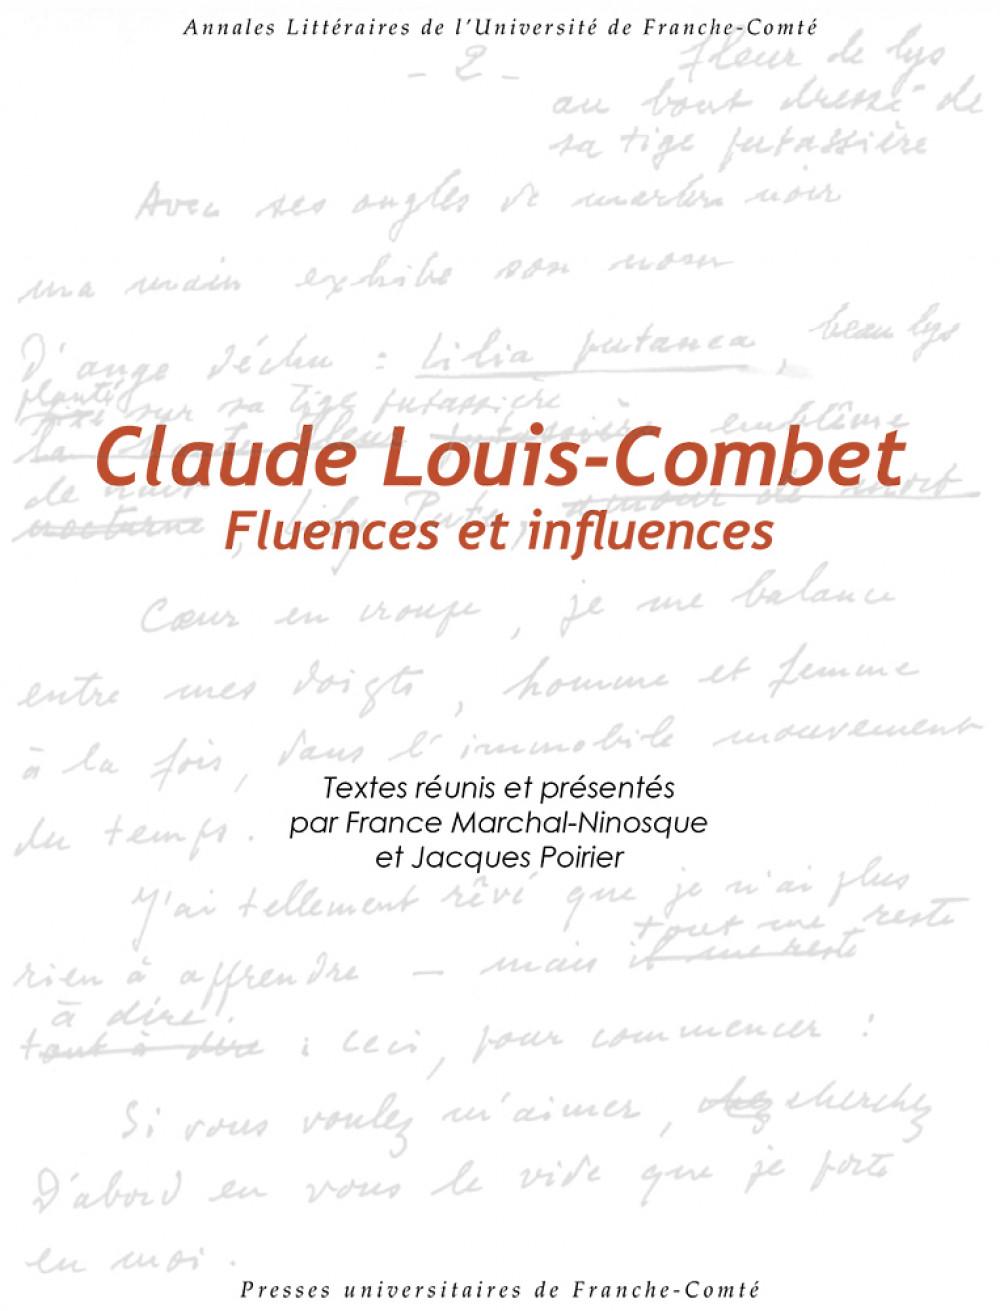 Claude Louis-Combet. Fluences et influences